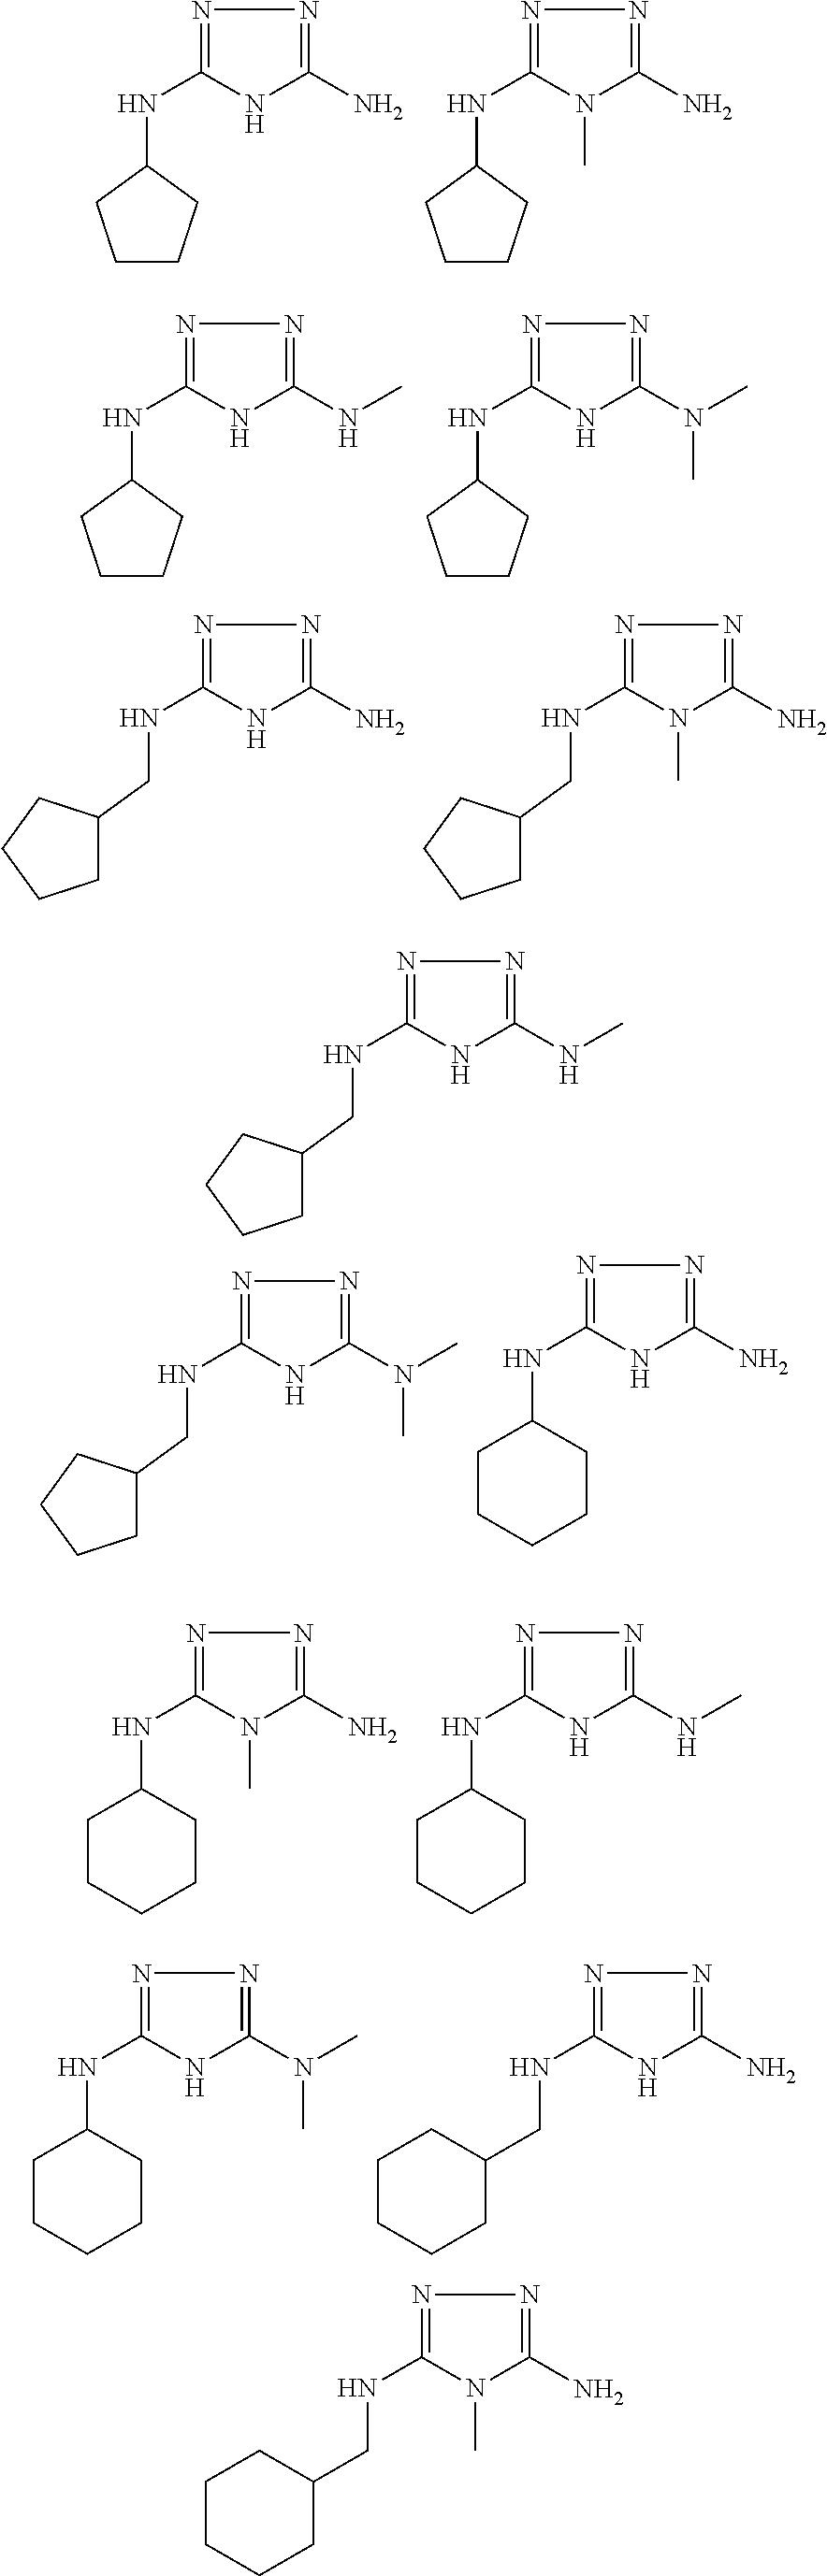 Figure US09480663-20161101-C00057